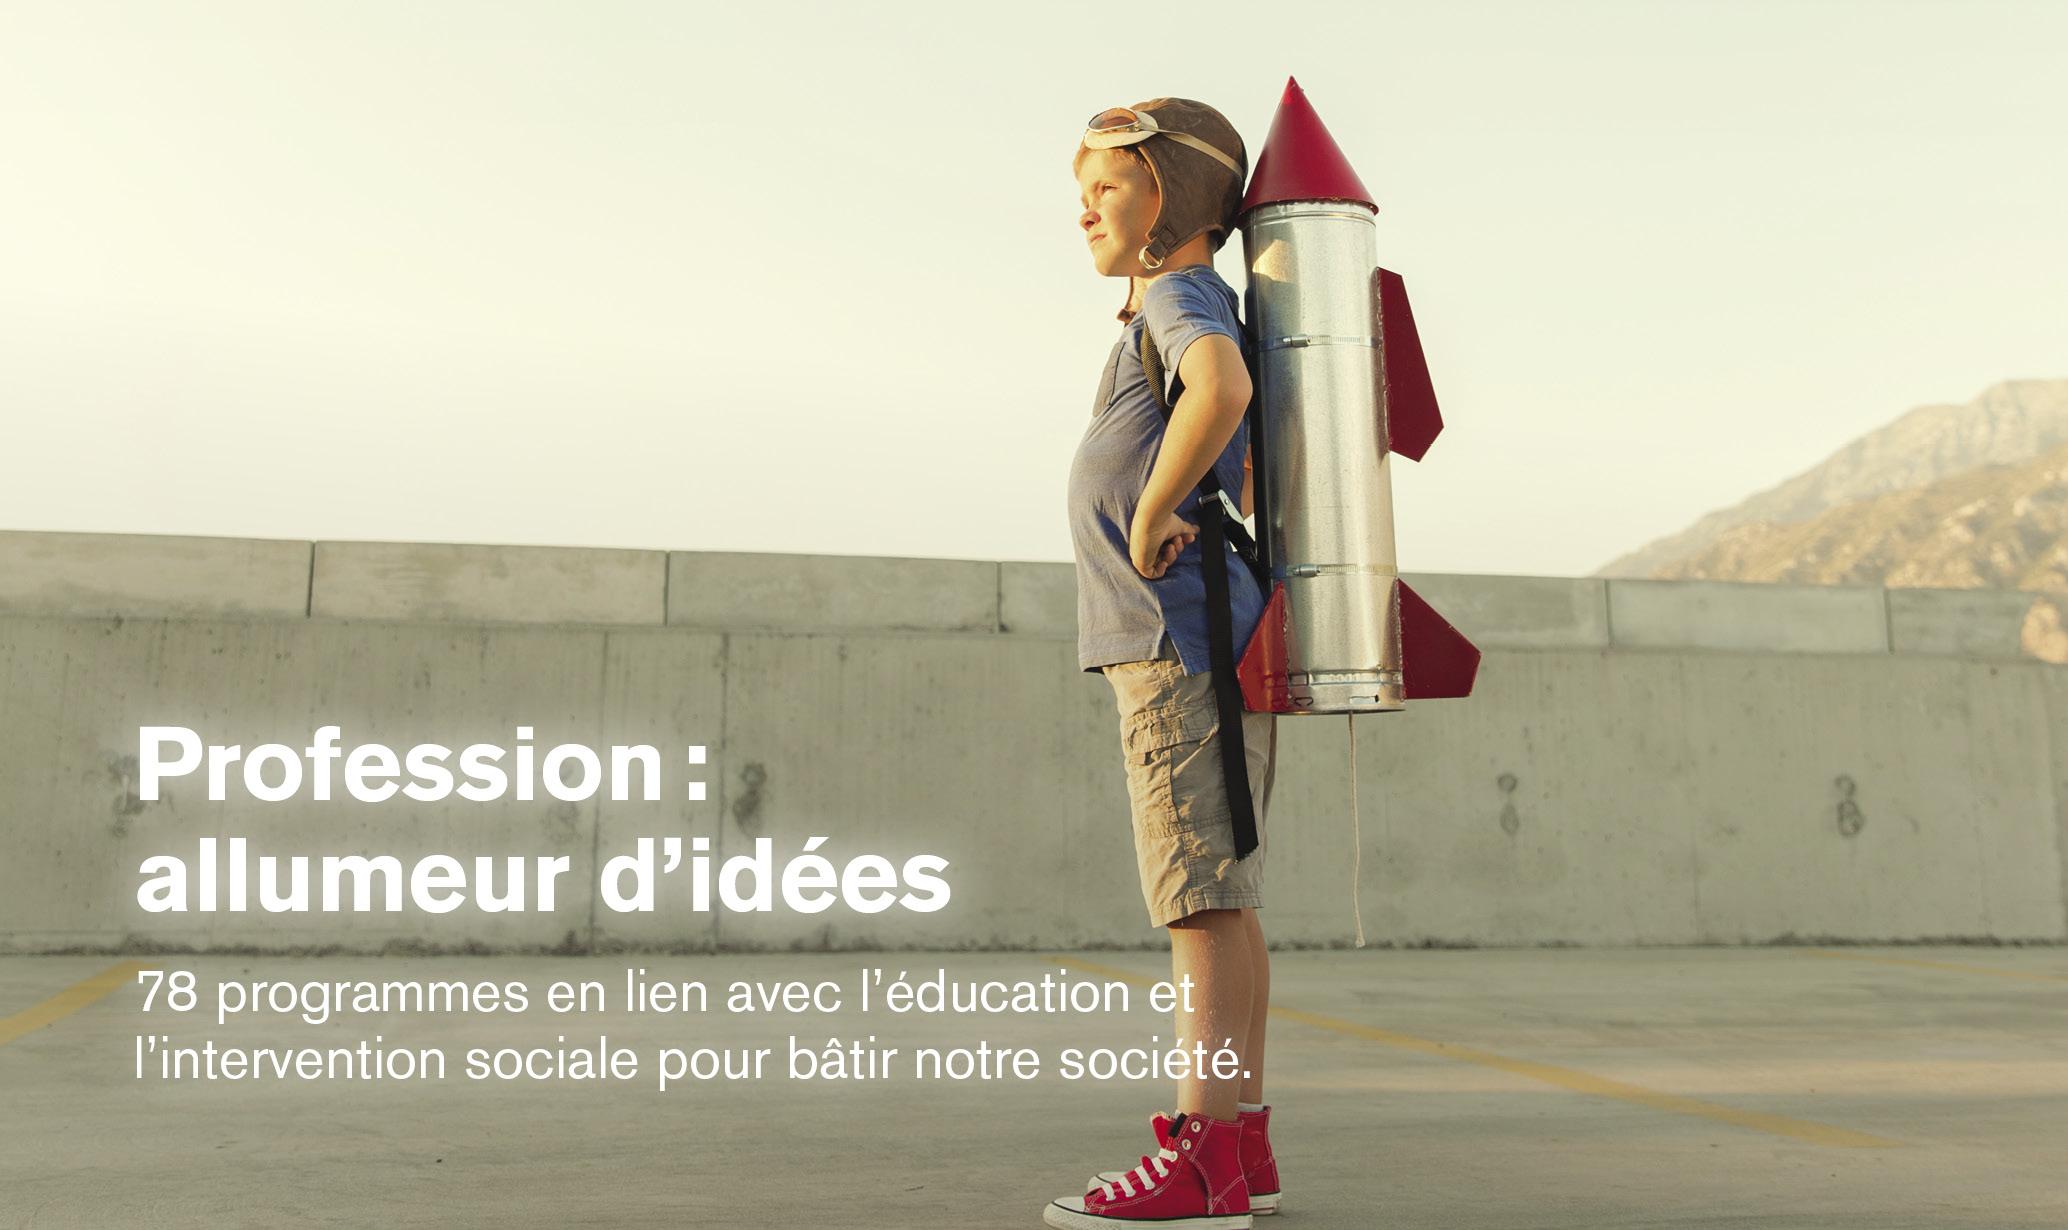 Profession: allumeur d'idées | 78 programmes en lien avec l'éducation et l'intervention sociale pour bâtir notre société.